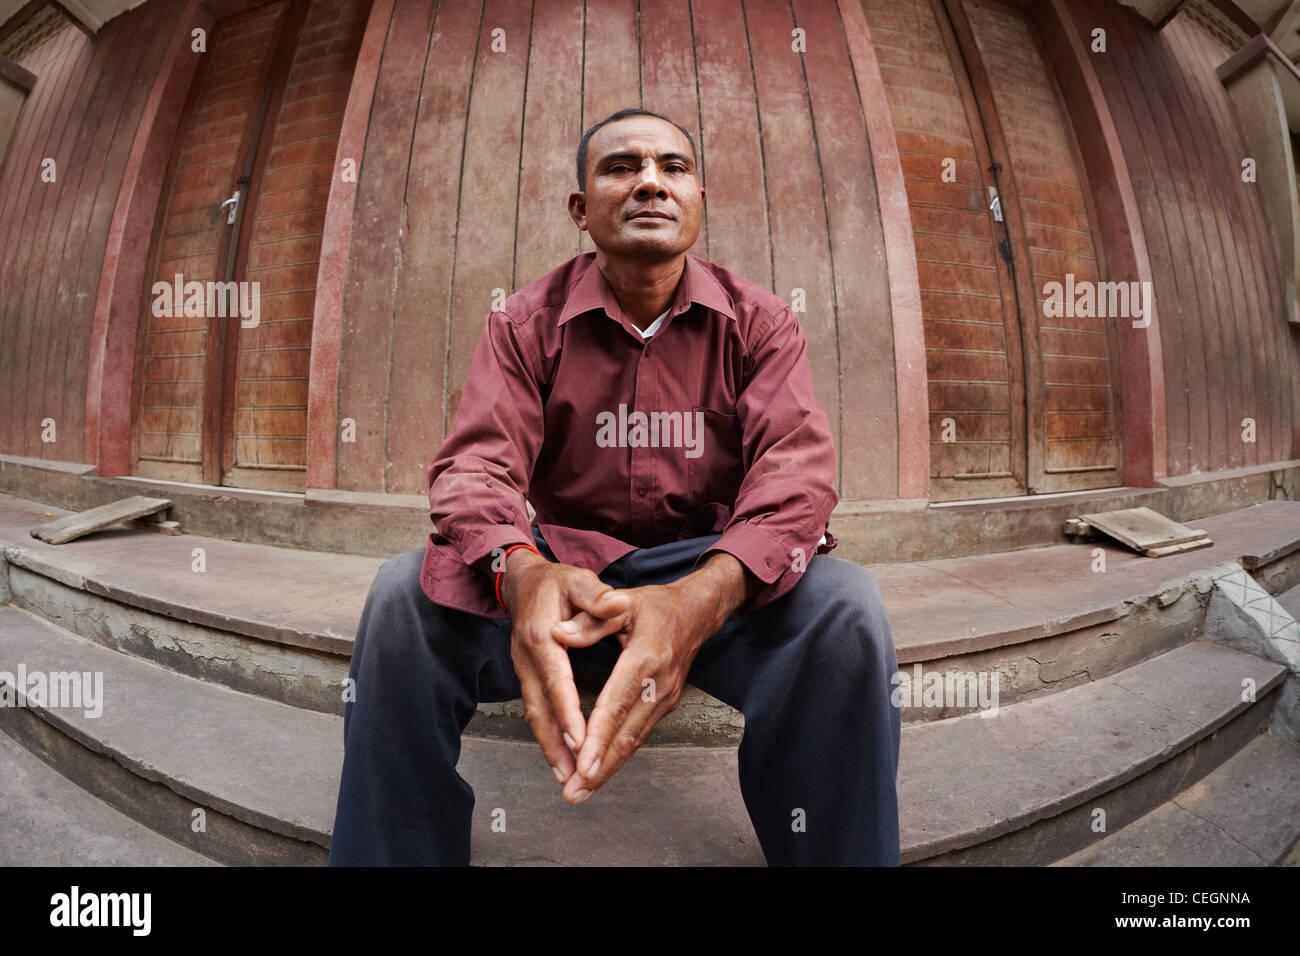 Porträt von Mitte adult Armen asiatischen Mann mit Händen trat, Blick in die Kamera. Fisheye Schuss Stockbild